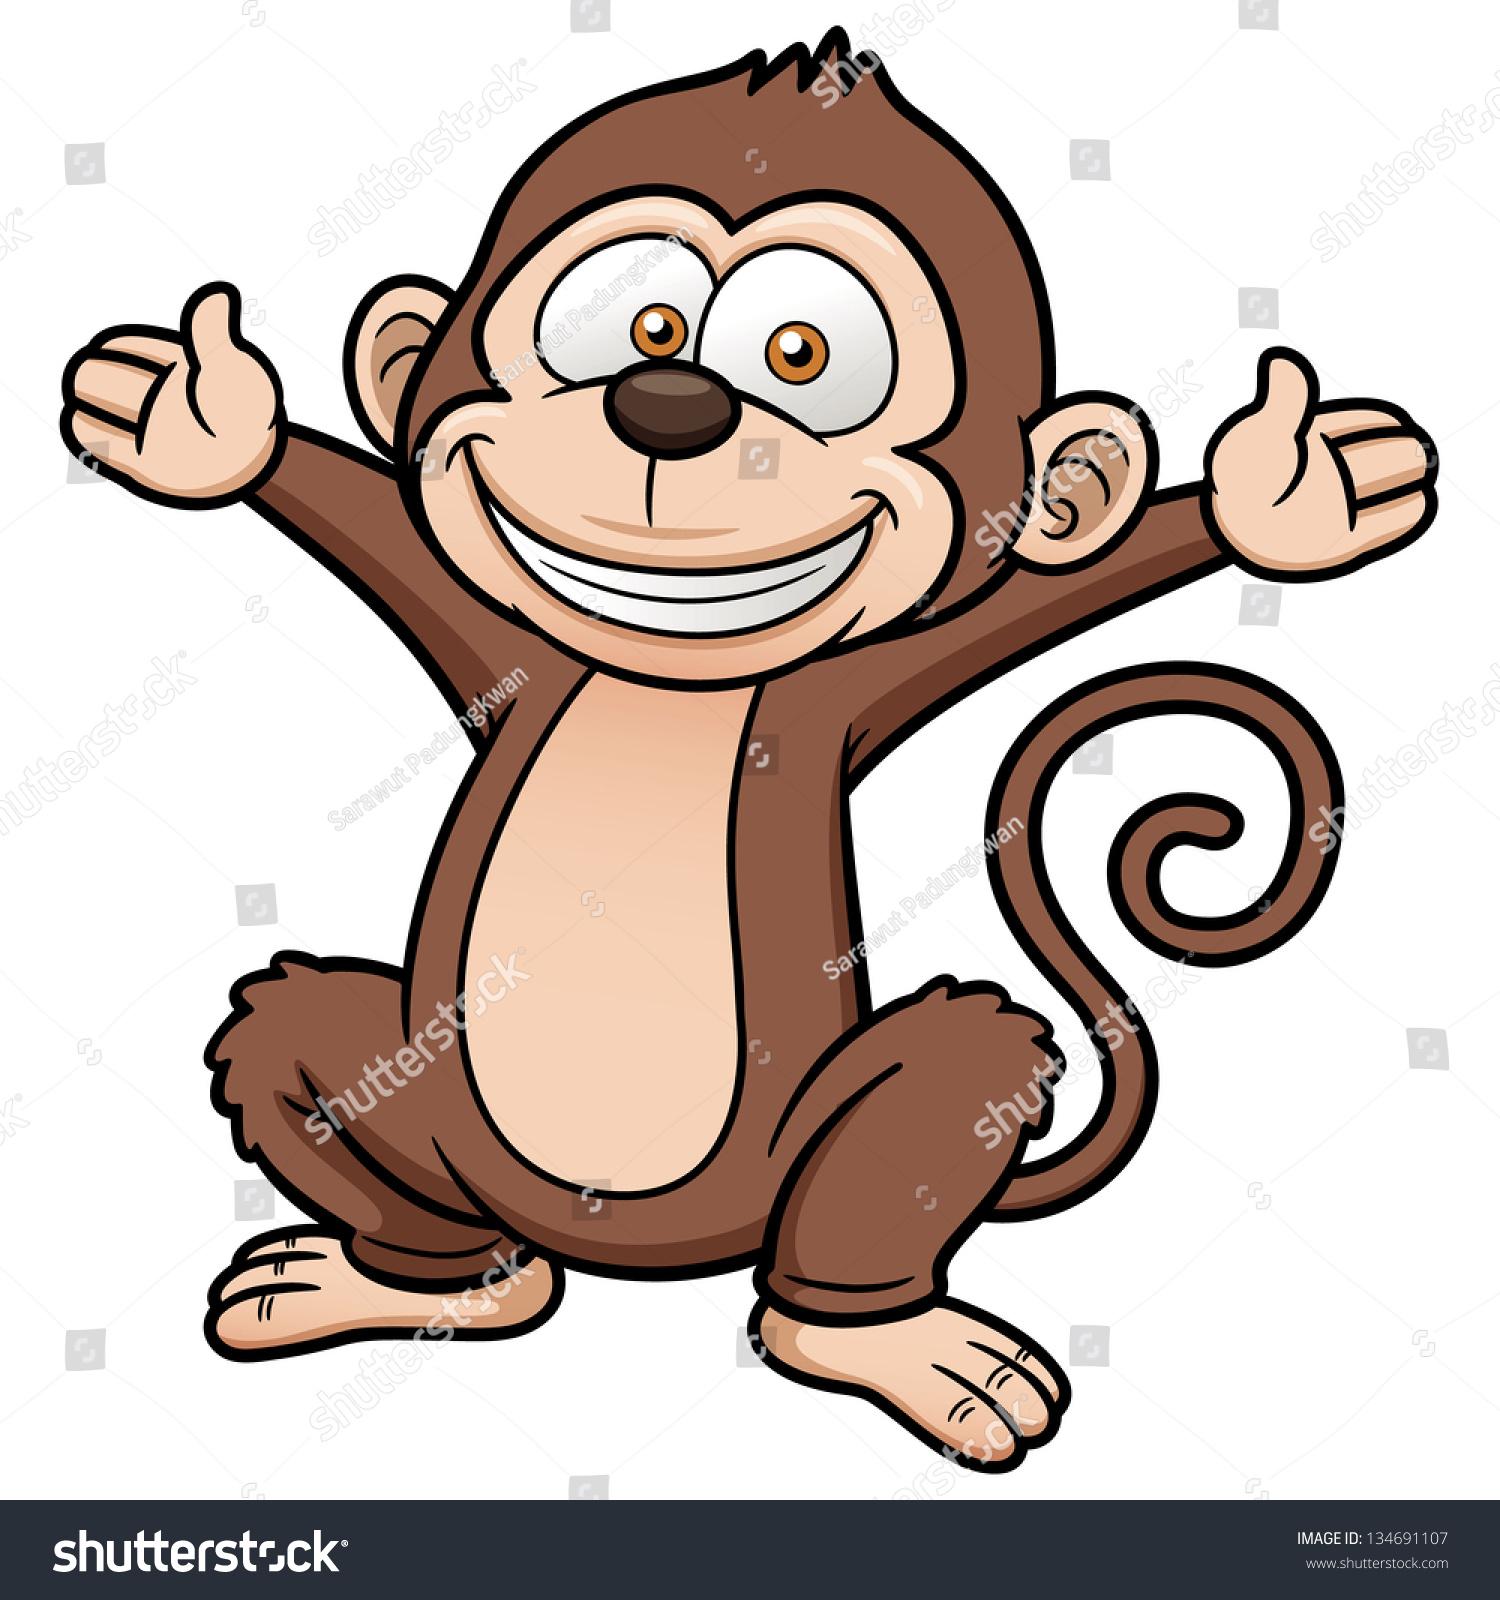 矢量图的卡通猴子-动物/野生生物